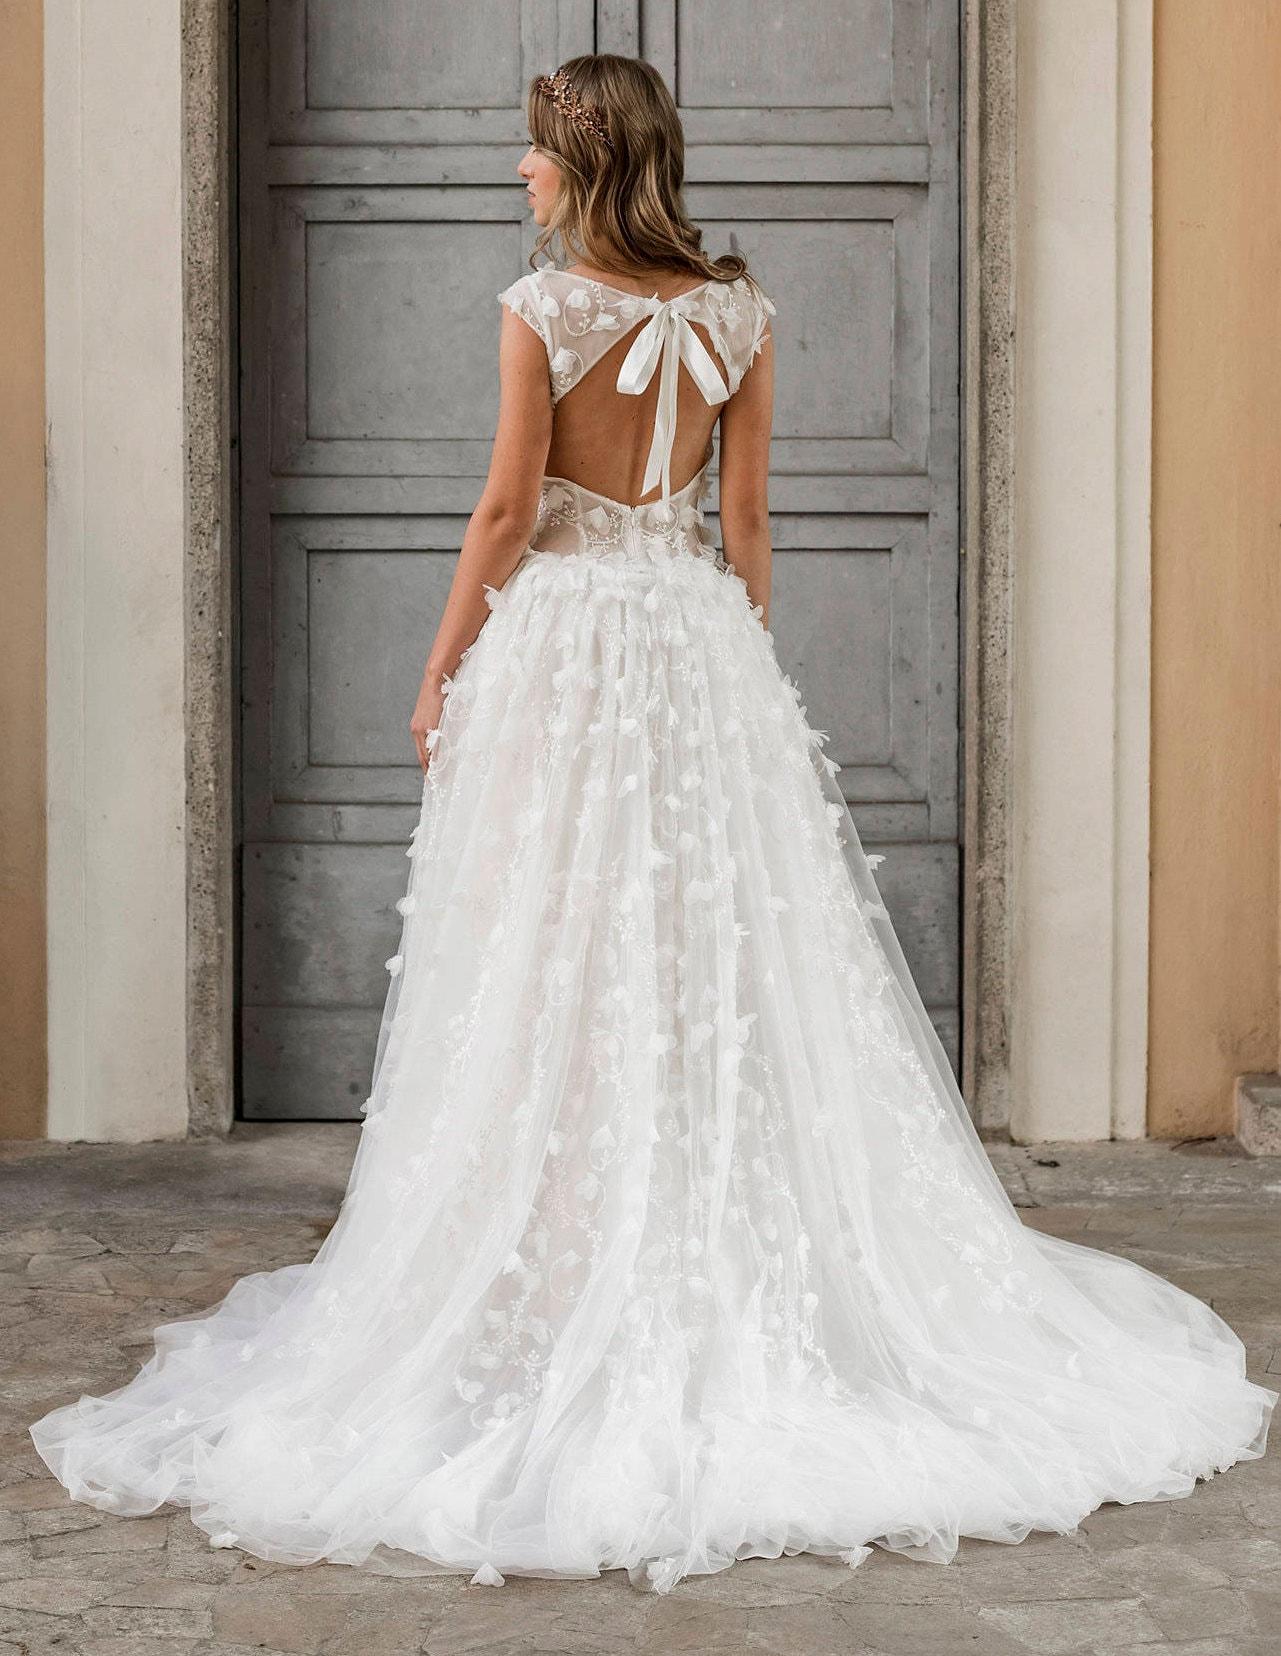 3D Spitze Brautkleid rückenfreie Hochzeitskleid Tüll